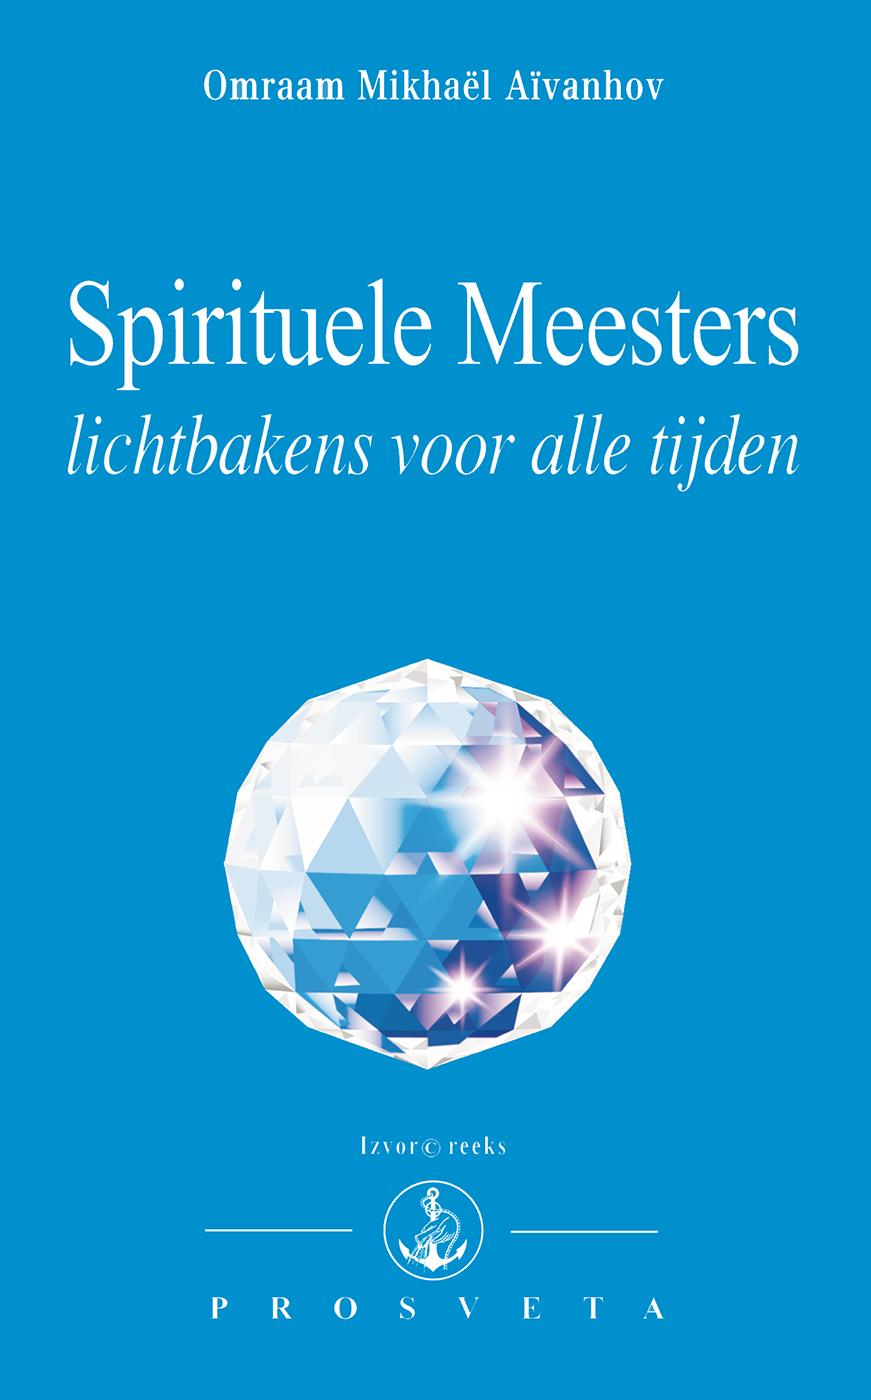 Spirituele Meesters, lichtbakens voor alle tijden